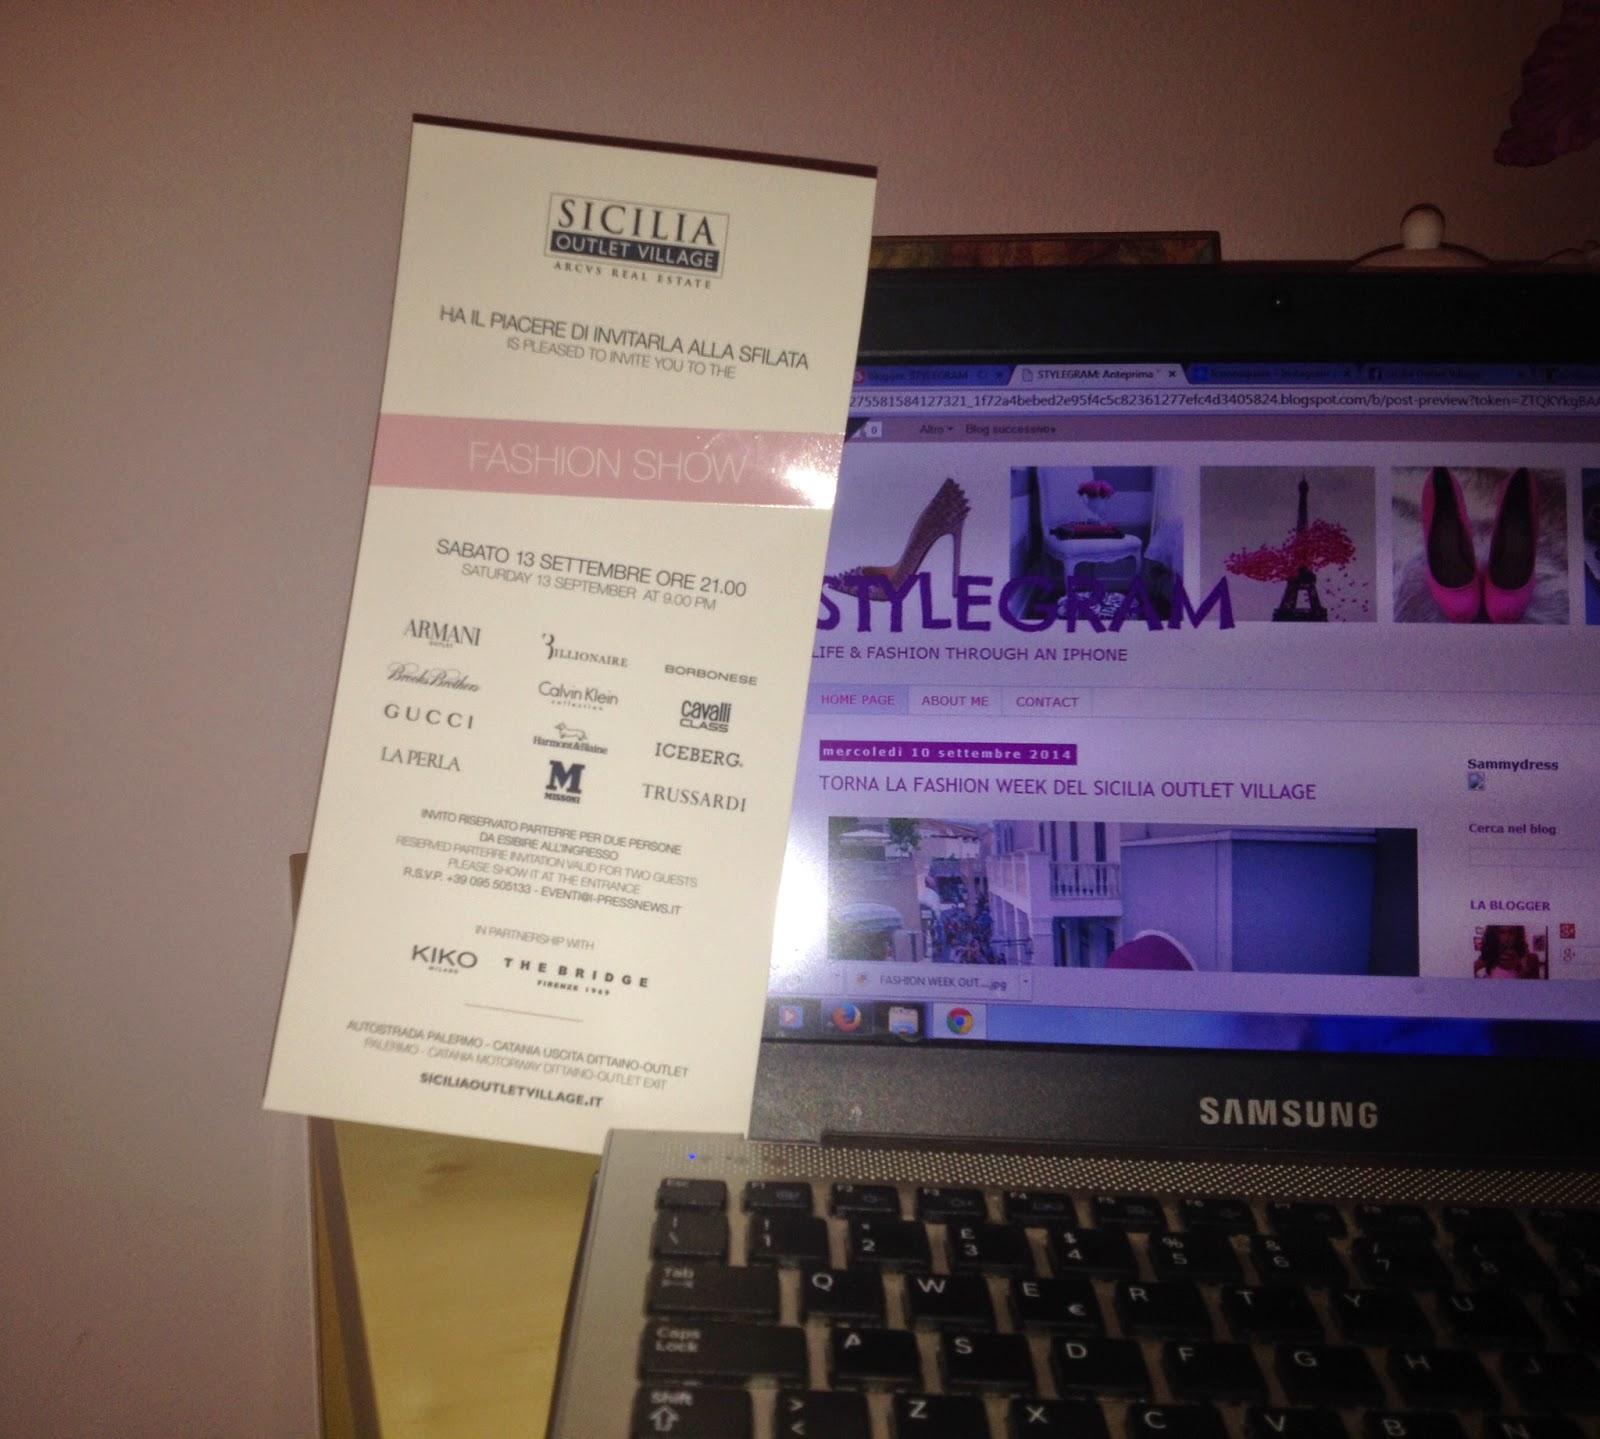 settimana della moda, sicilia outlet village, stylegram